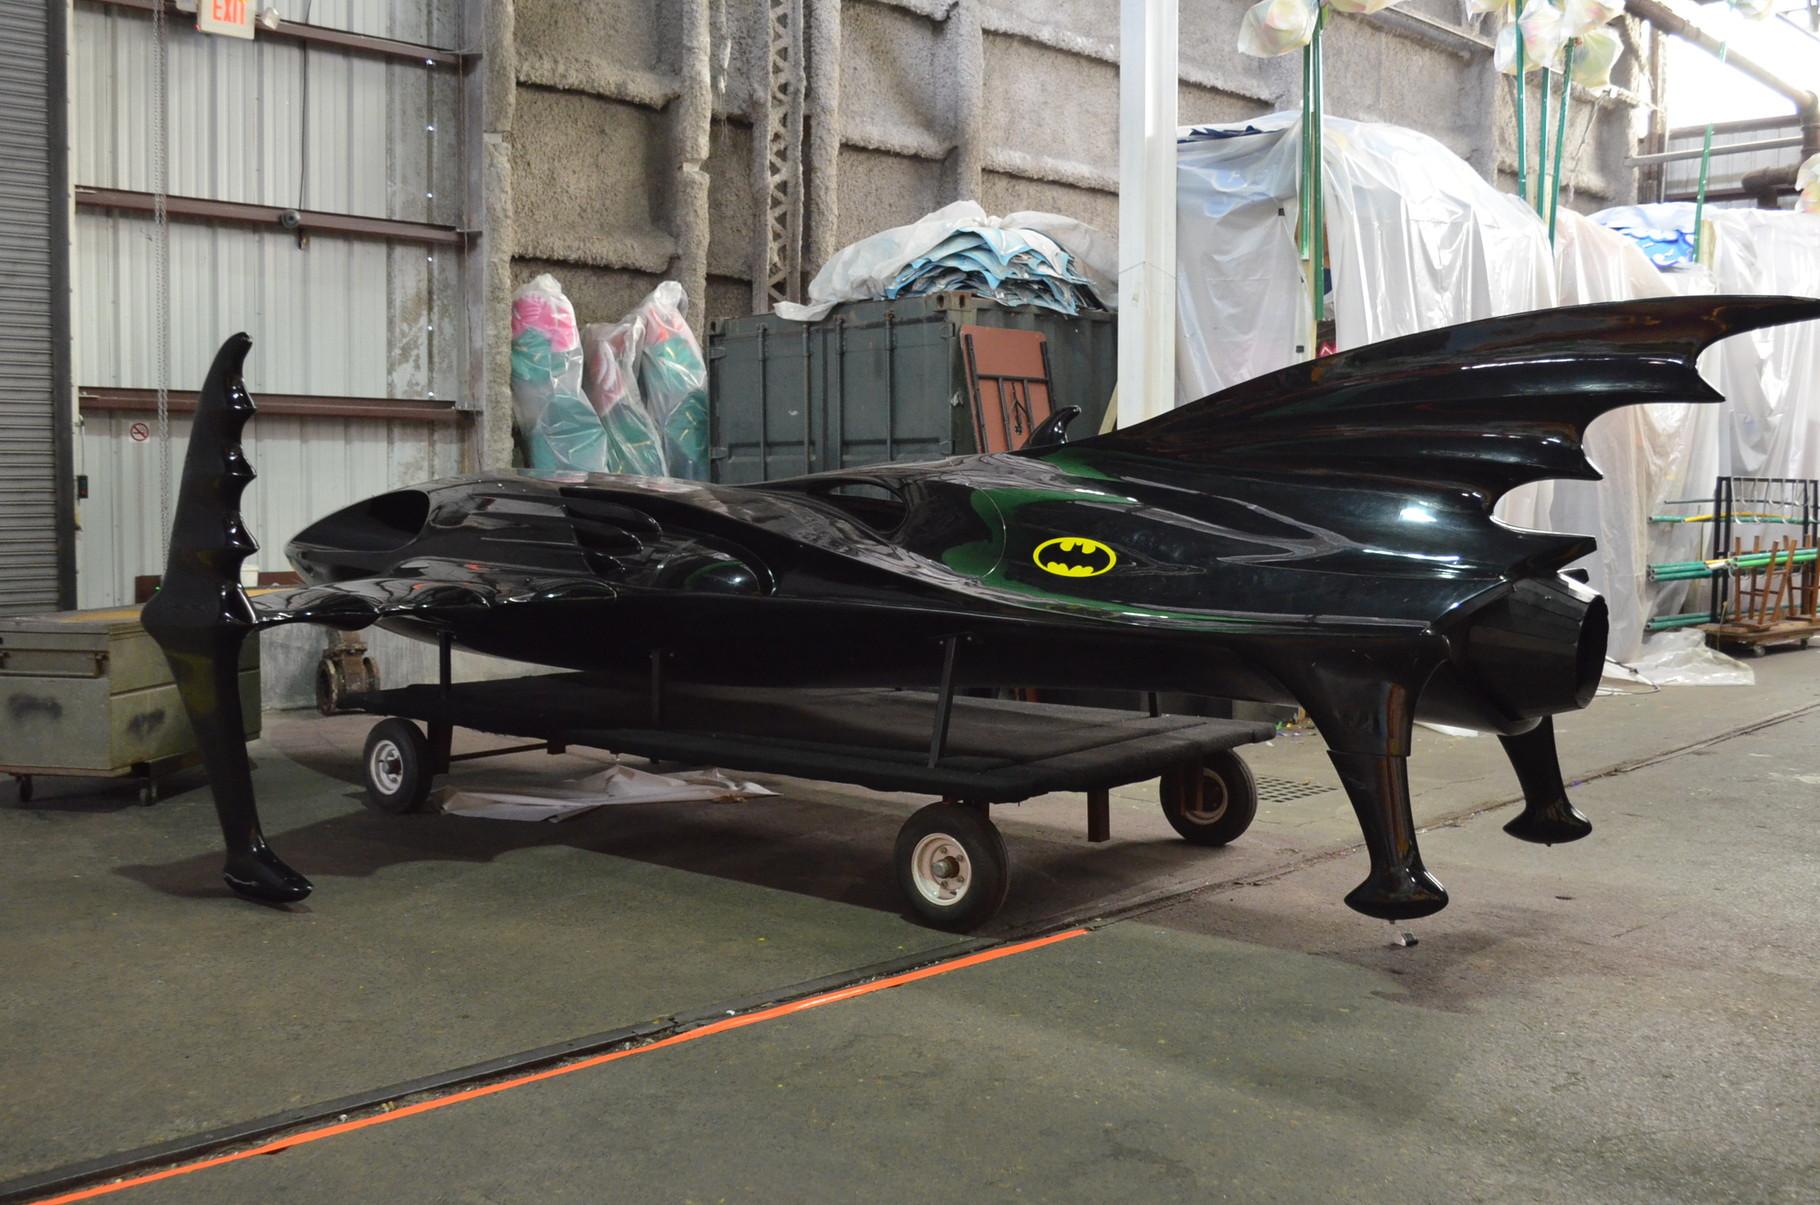 sogar ein Batmobil